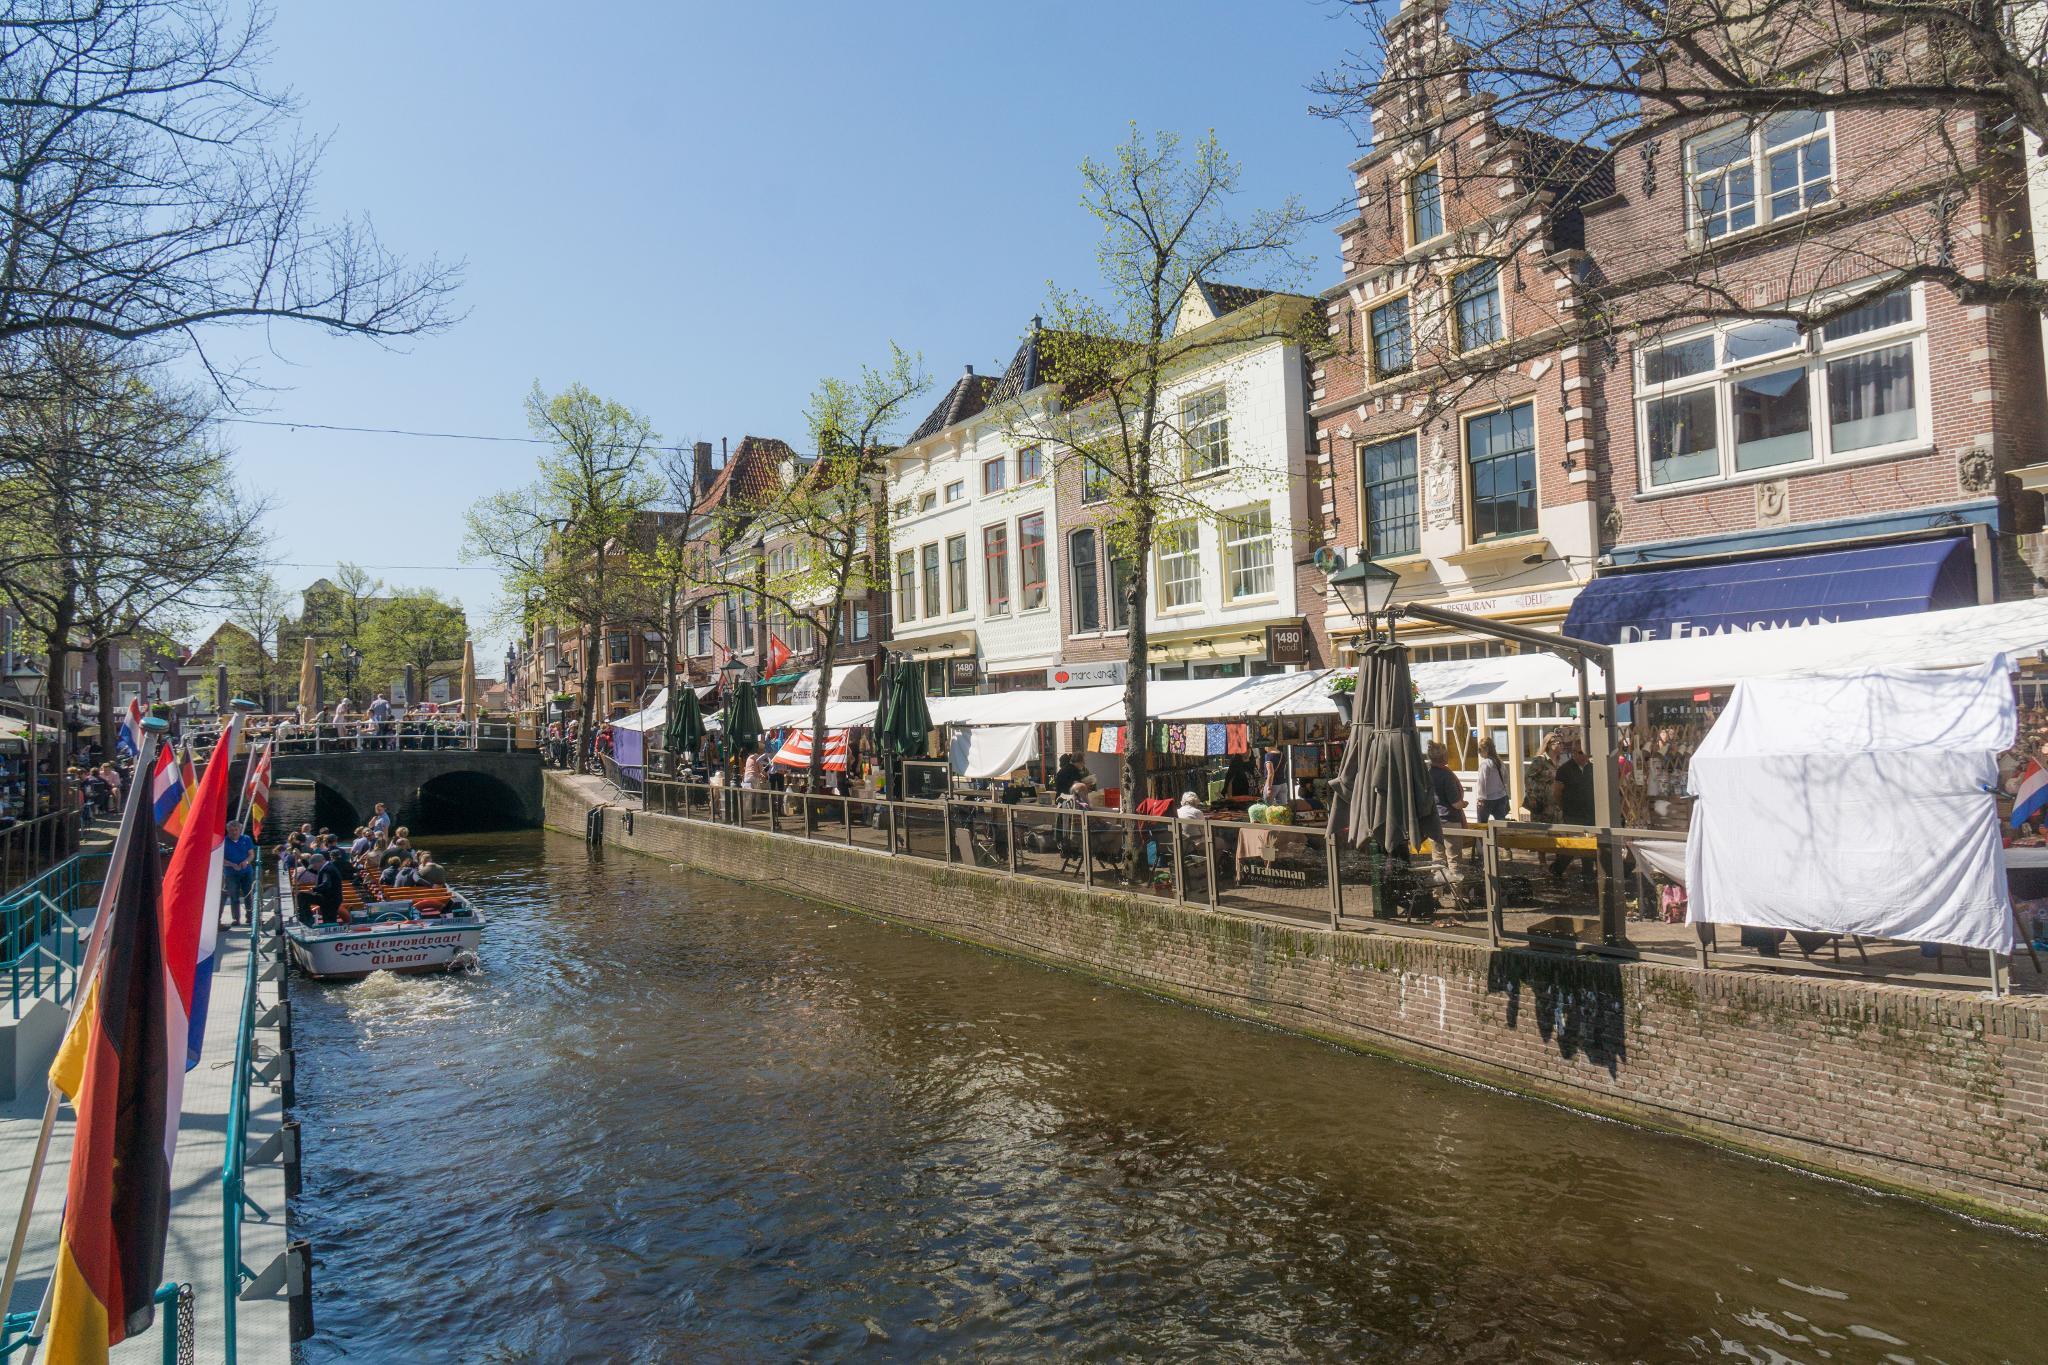 【荷蘭印象】體驗道地的荷式風情 — Alkmaar 起司市集 散步路線整理 34